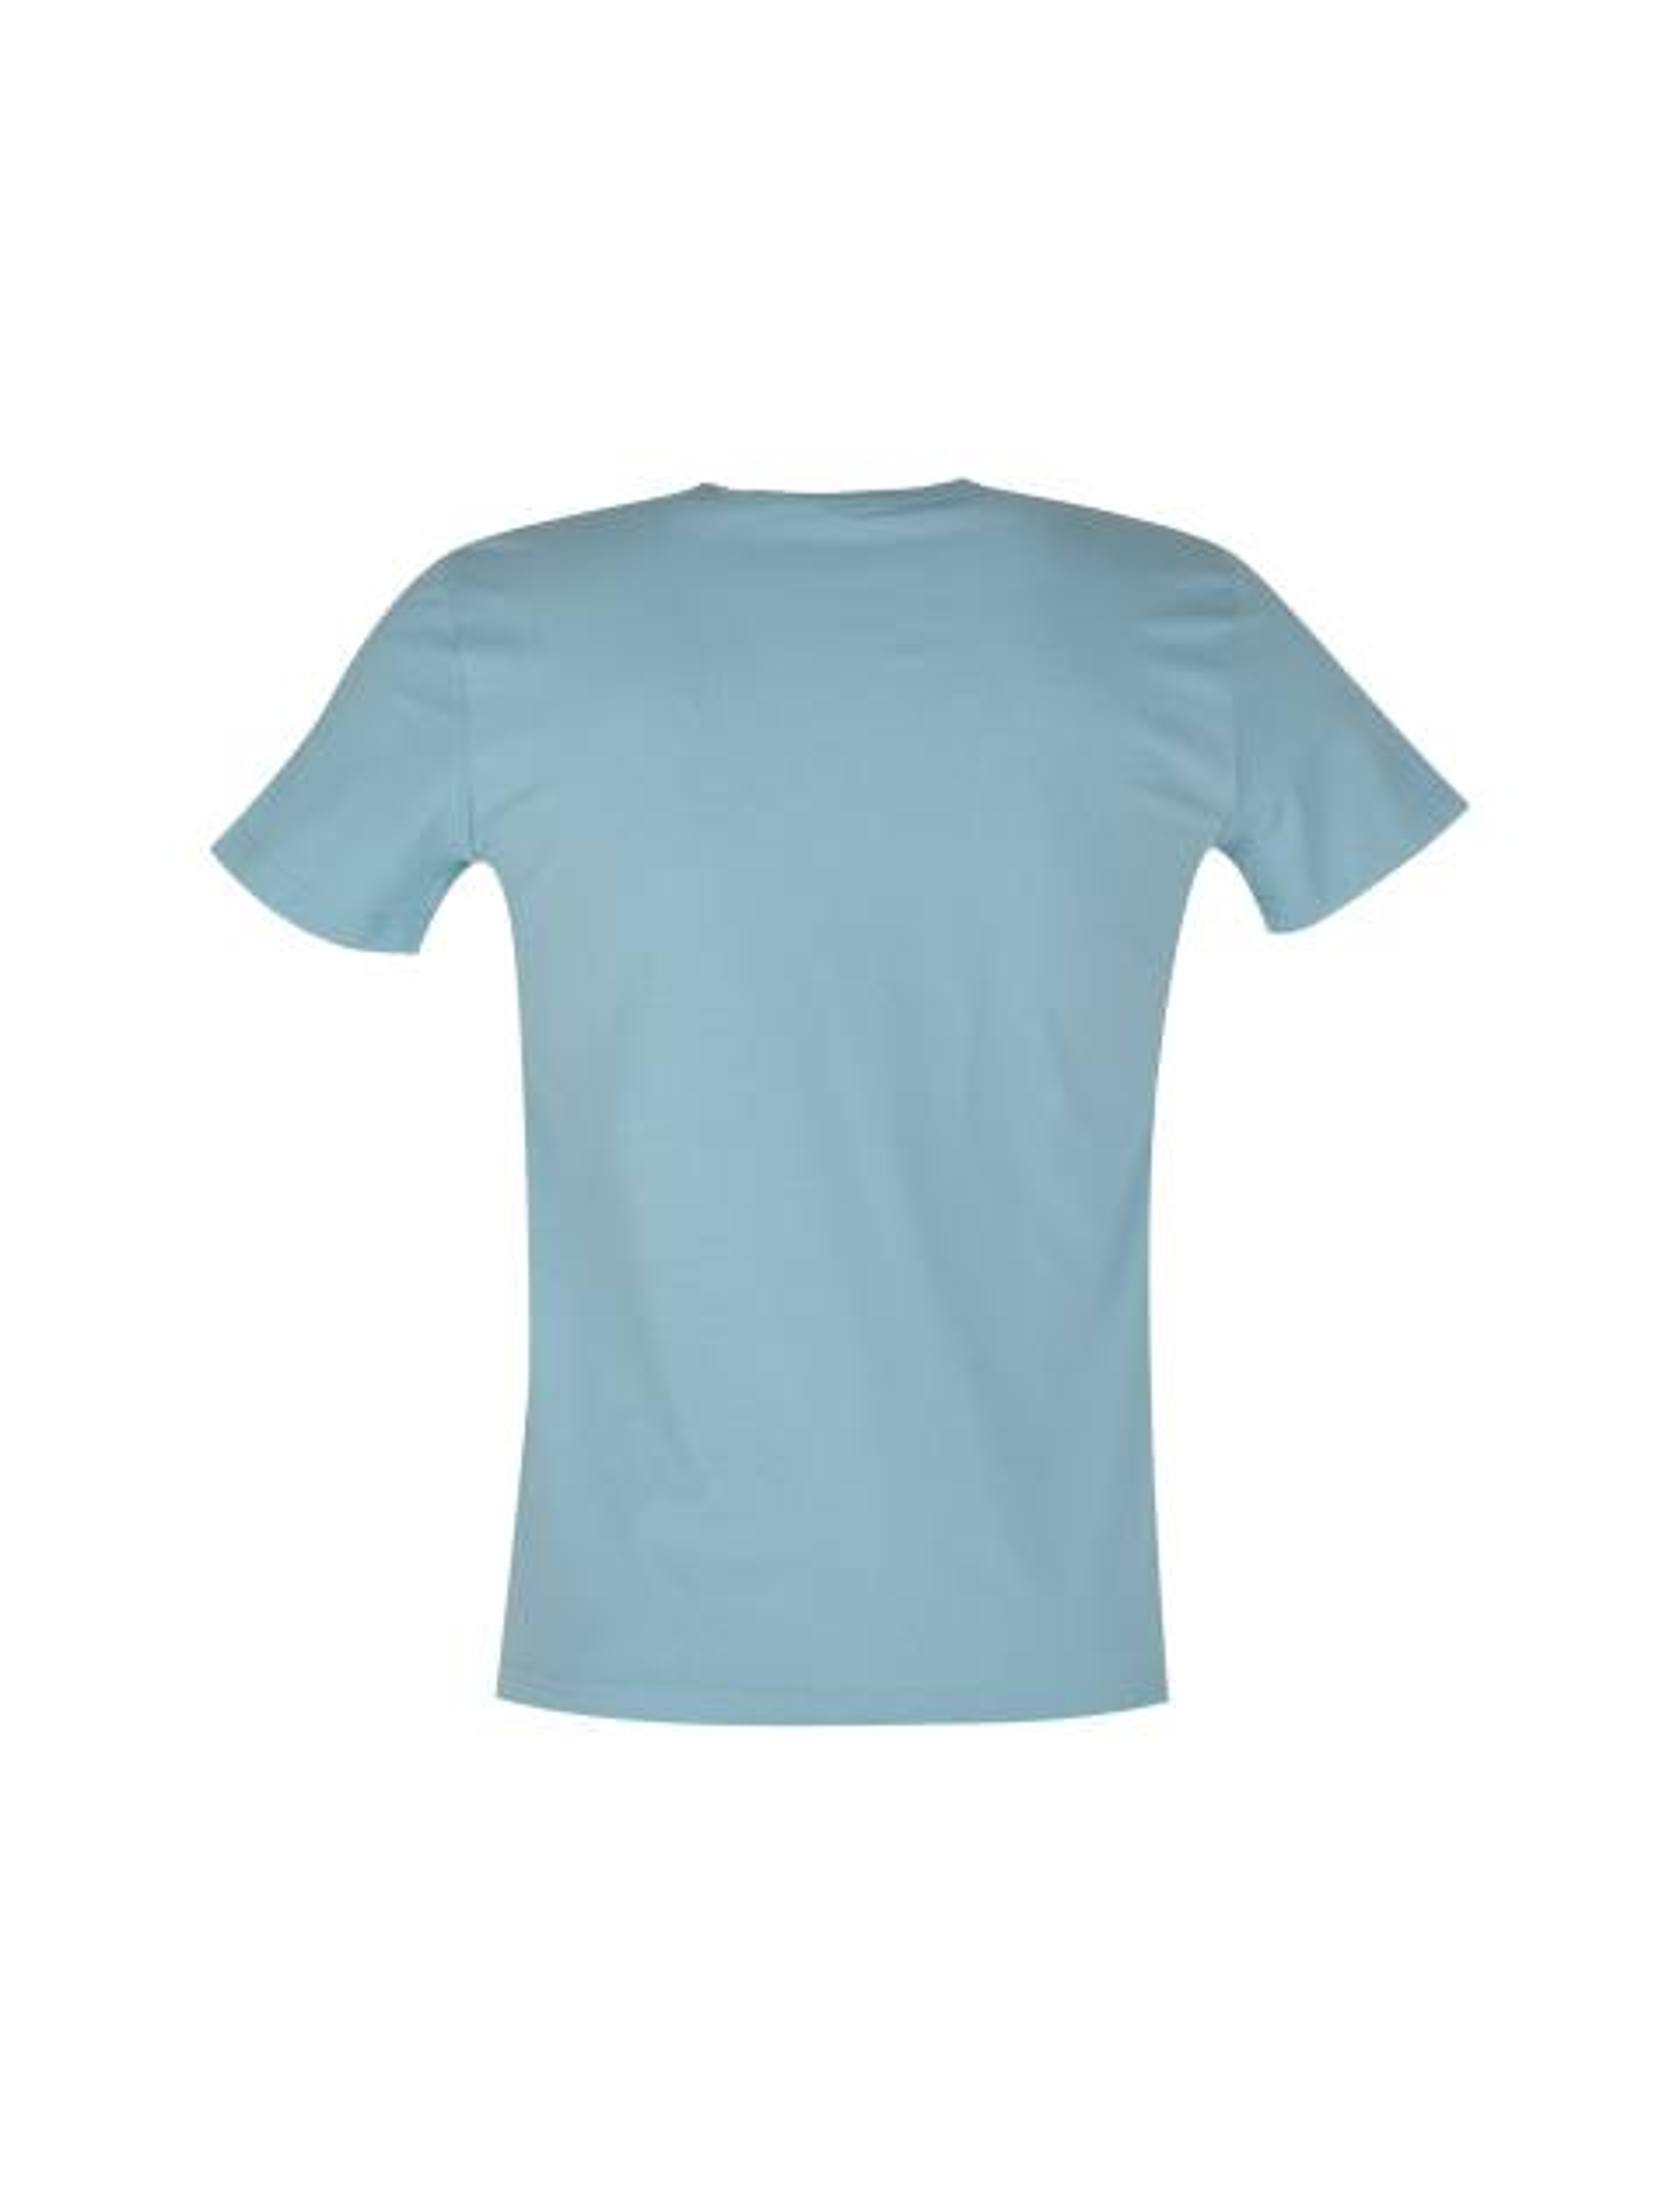 تی شرت نخی یقه گرد مردانه - فيروزه اي - 2